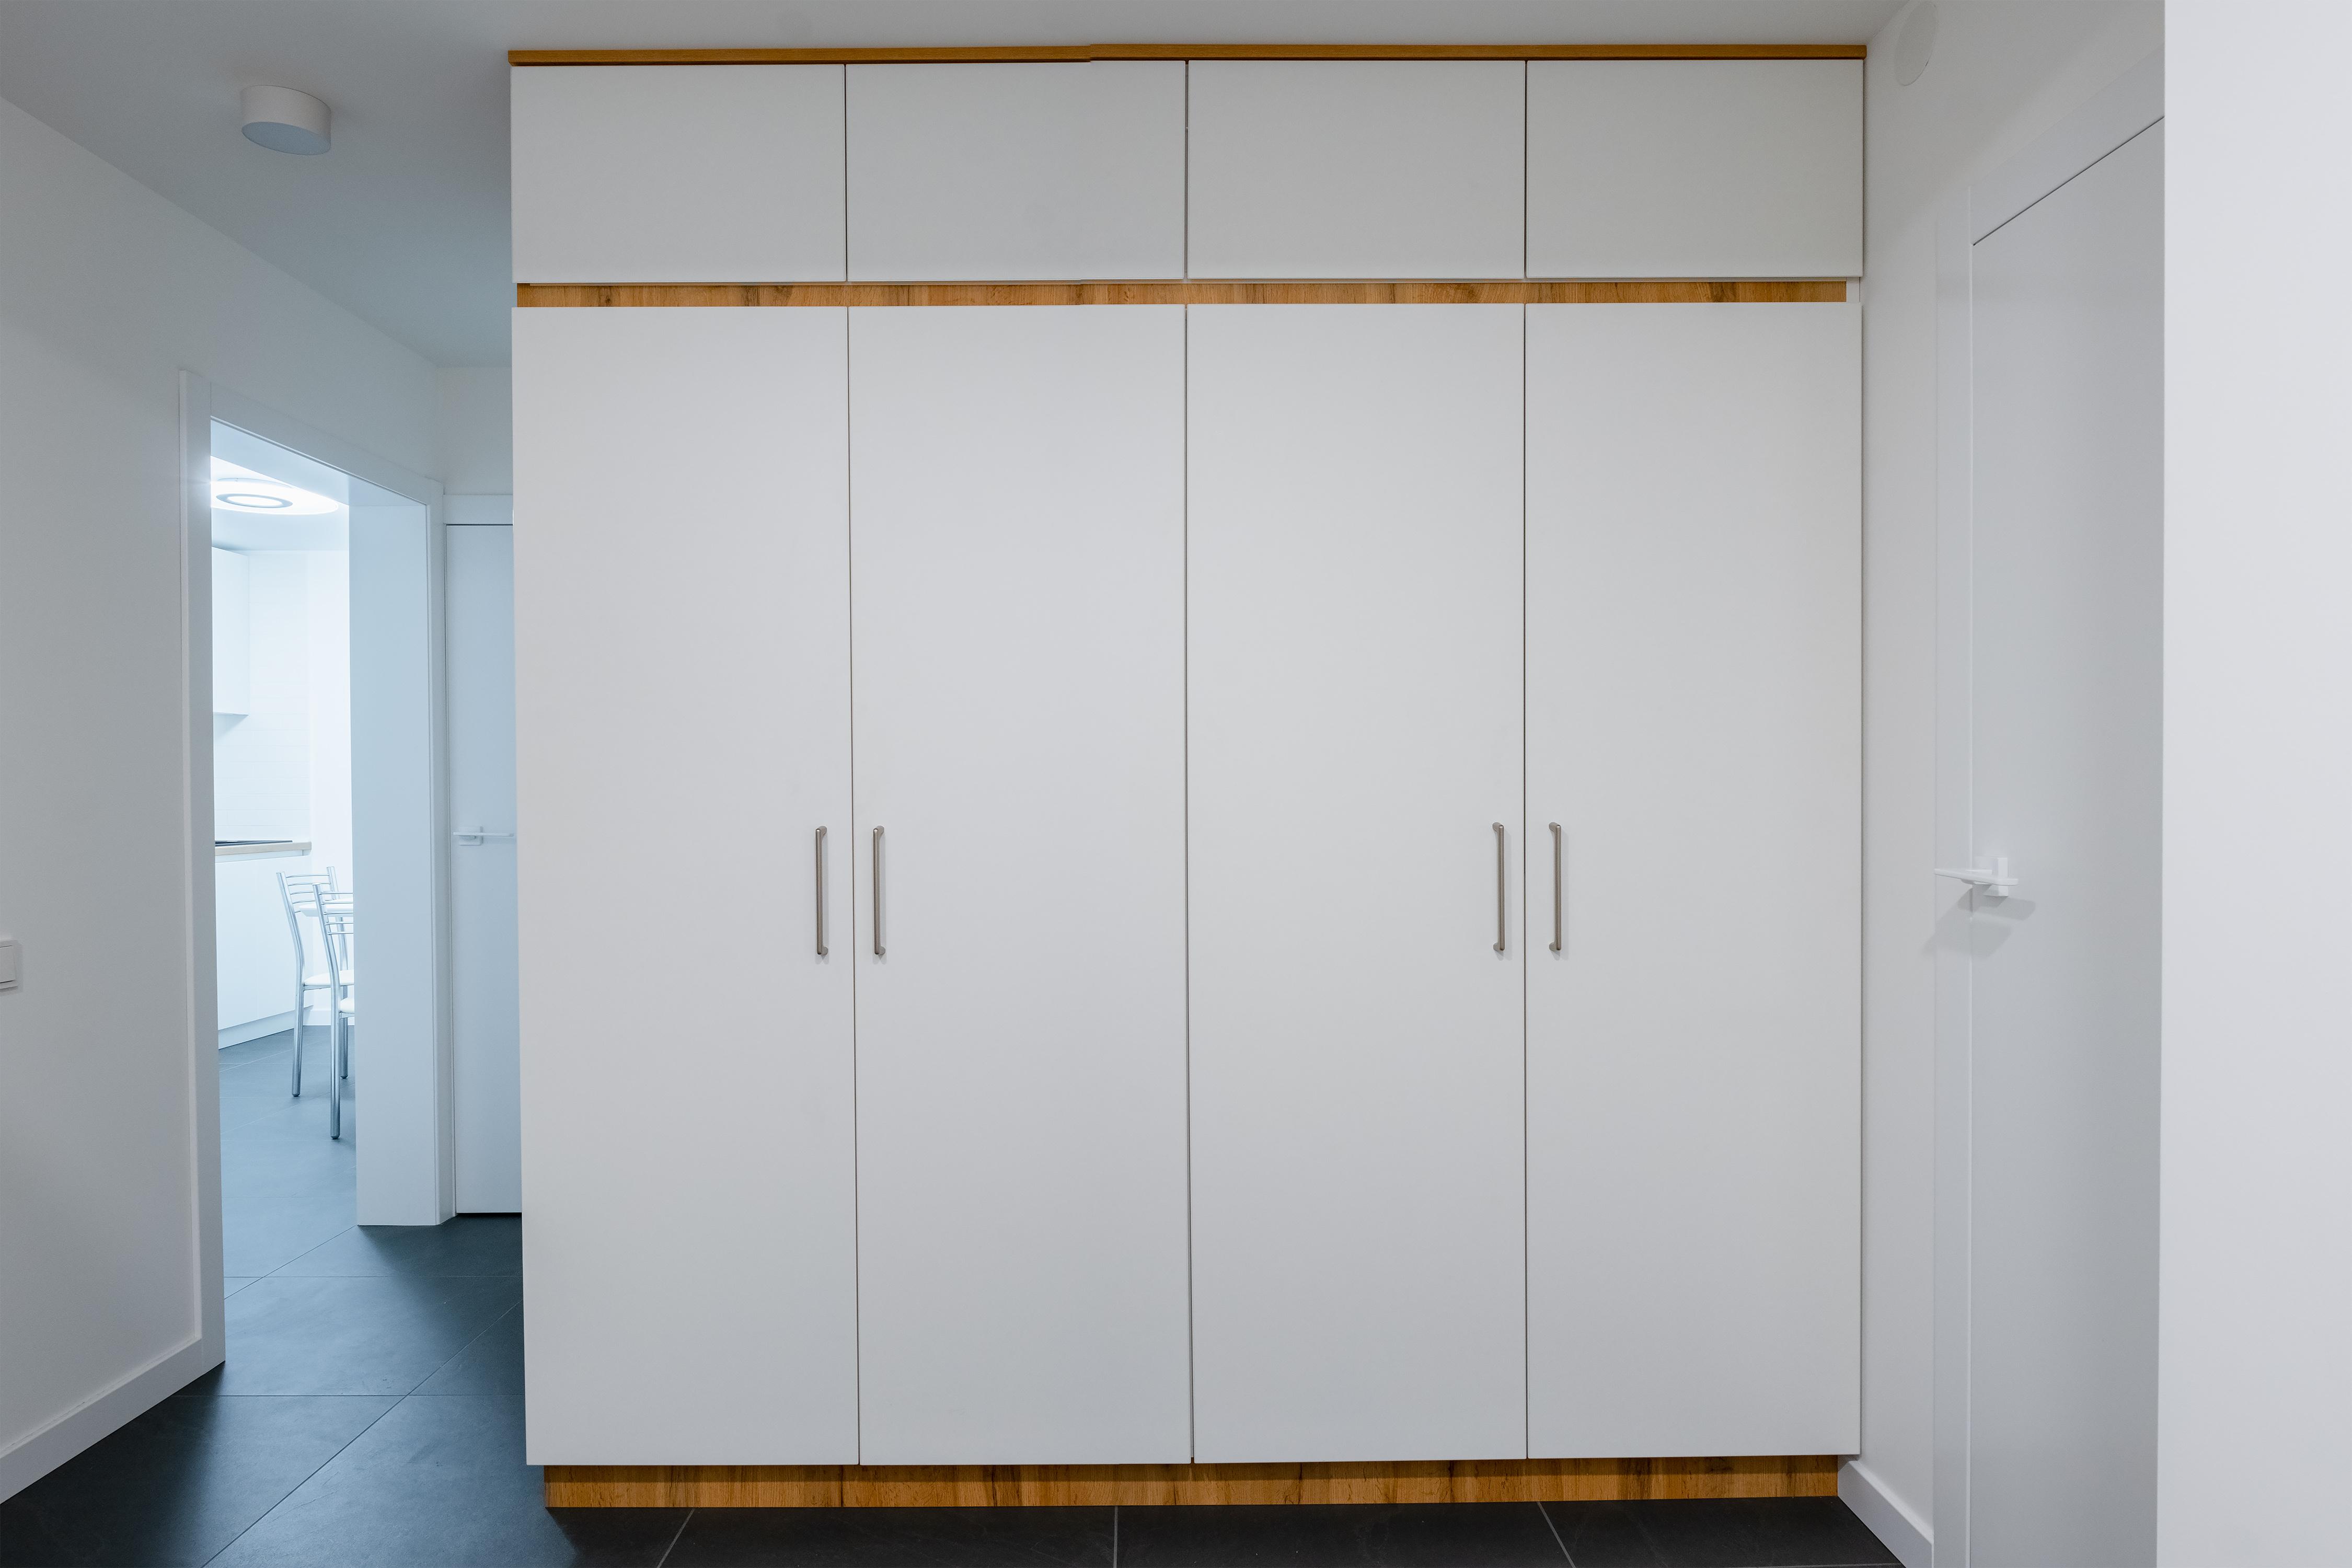 Шкаф в коридоре в квартире после ремонта Одесса